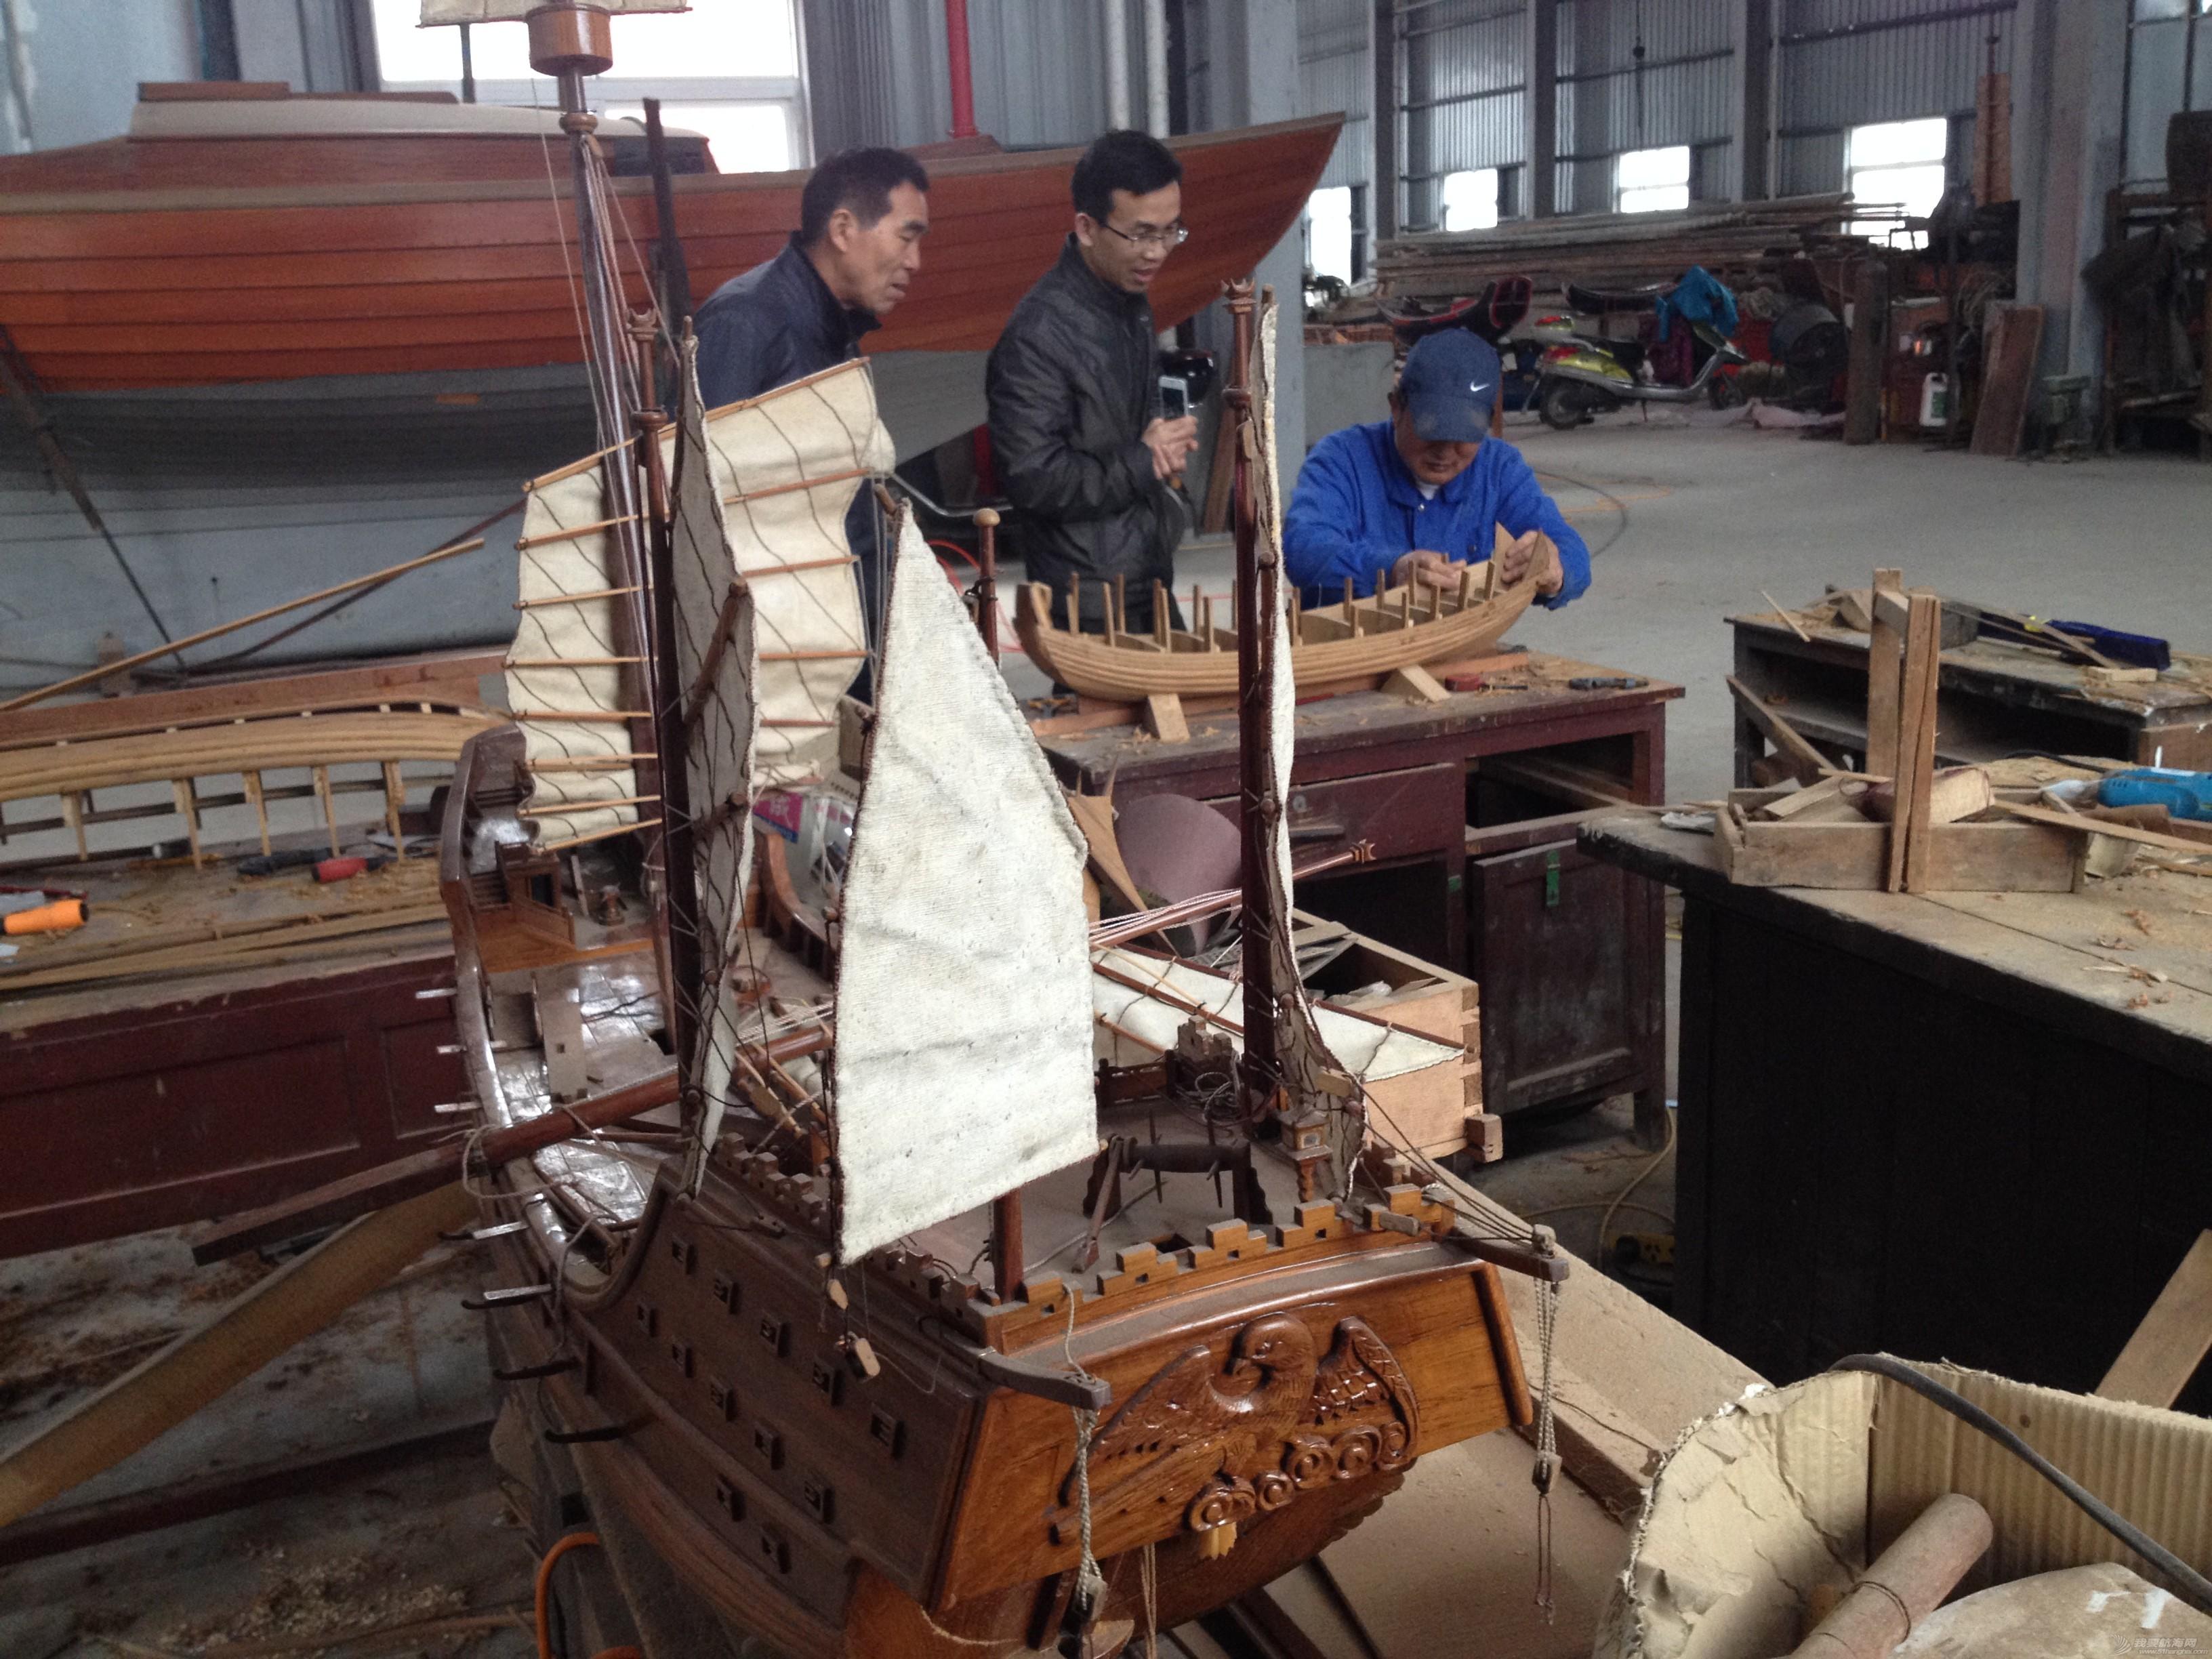 中式风格,交通运输,造船厂,朱家尖,对抗赛 全球首次中式帆船比赛可能会在舟山举行 IMG_7882.JPG